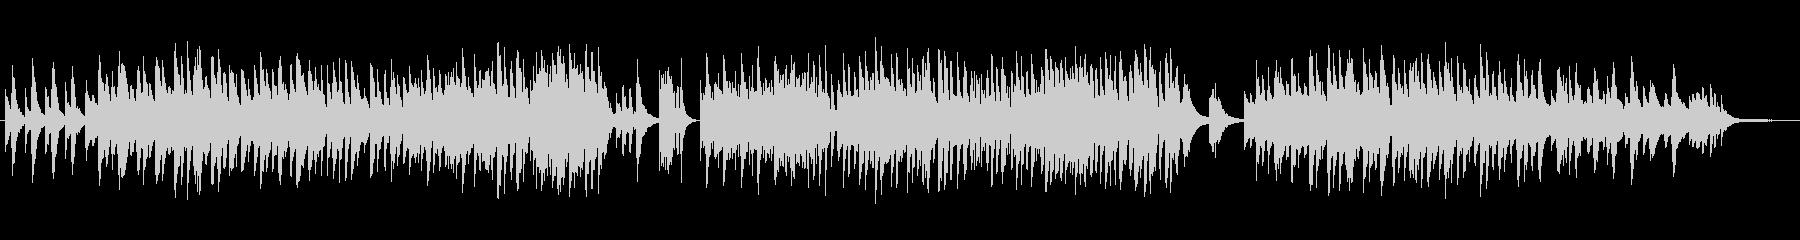 ゆったり癒し系のシンセ・ギターサウンドの未再生の波形